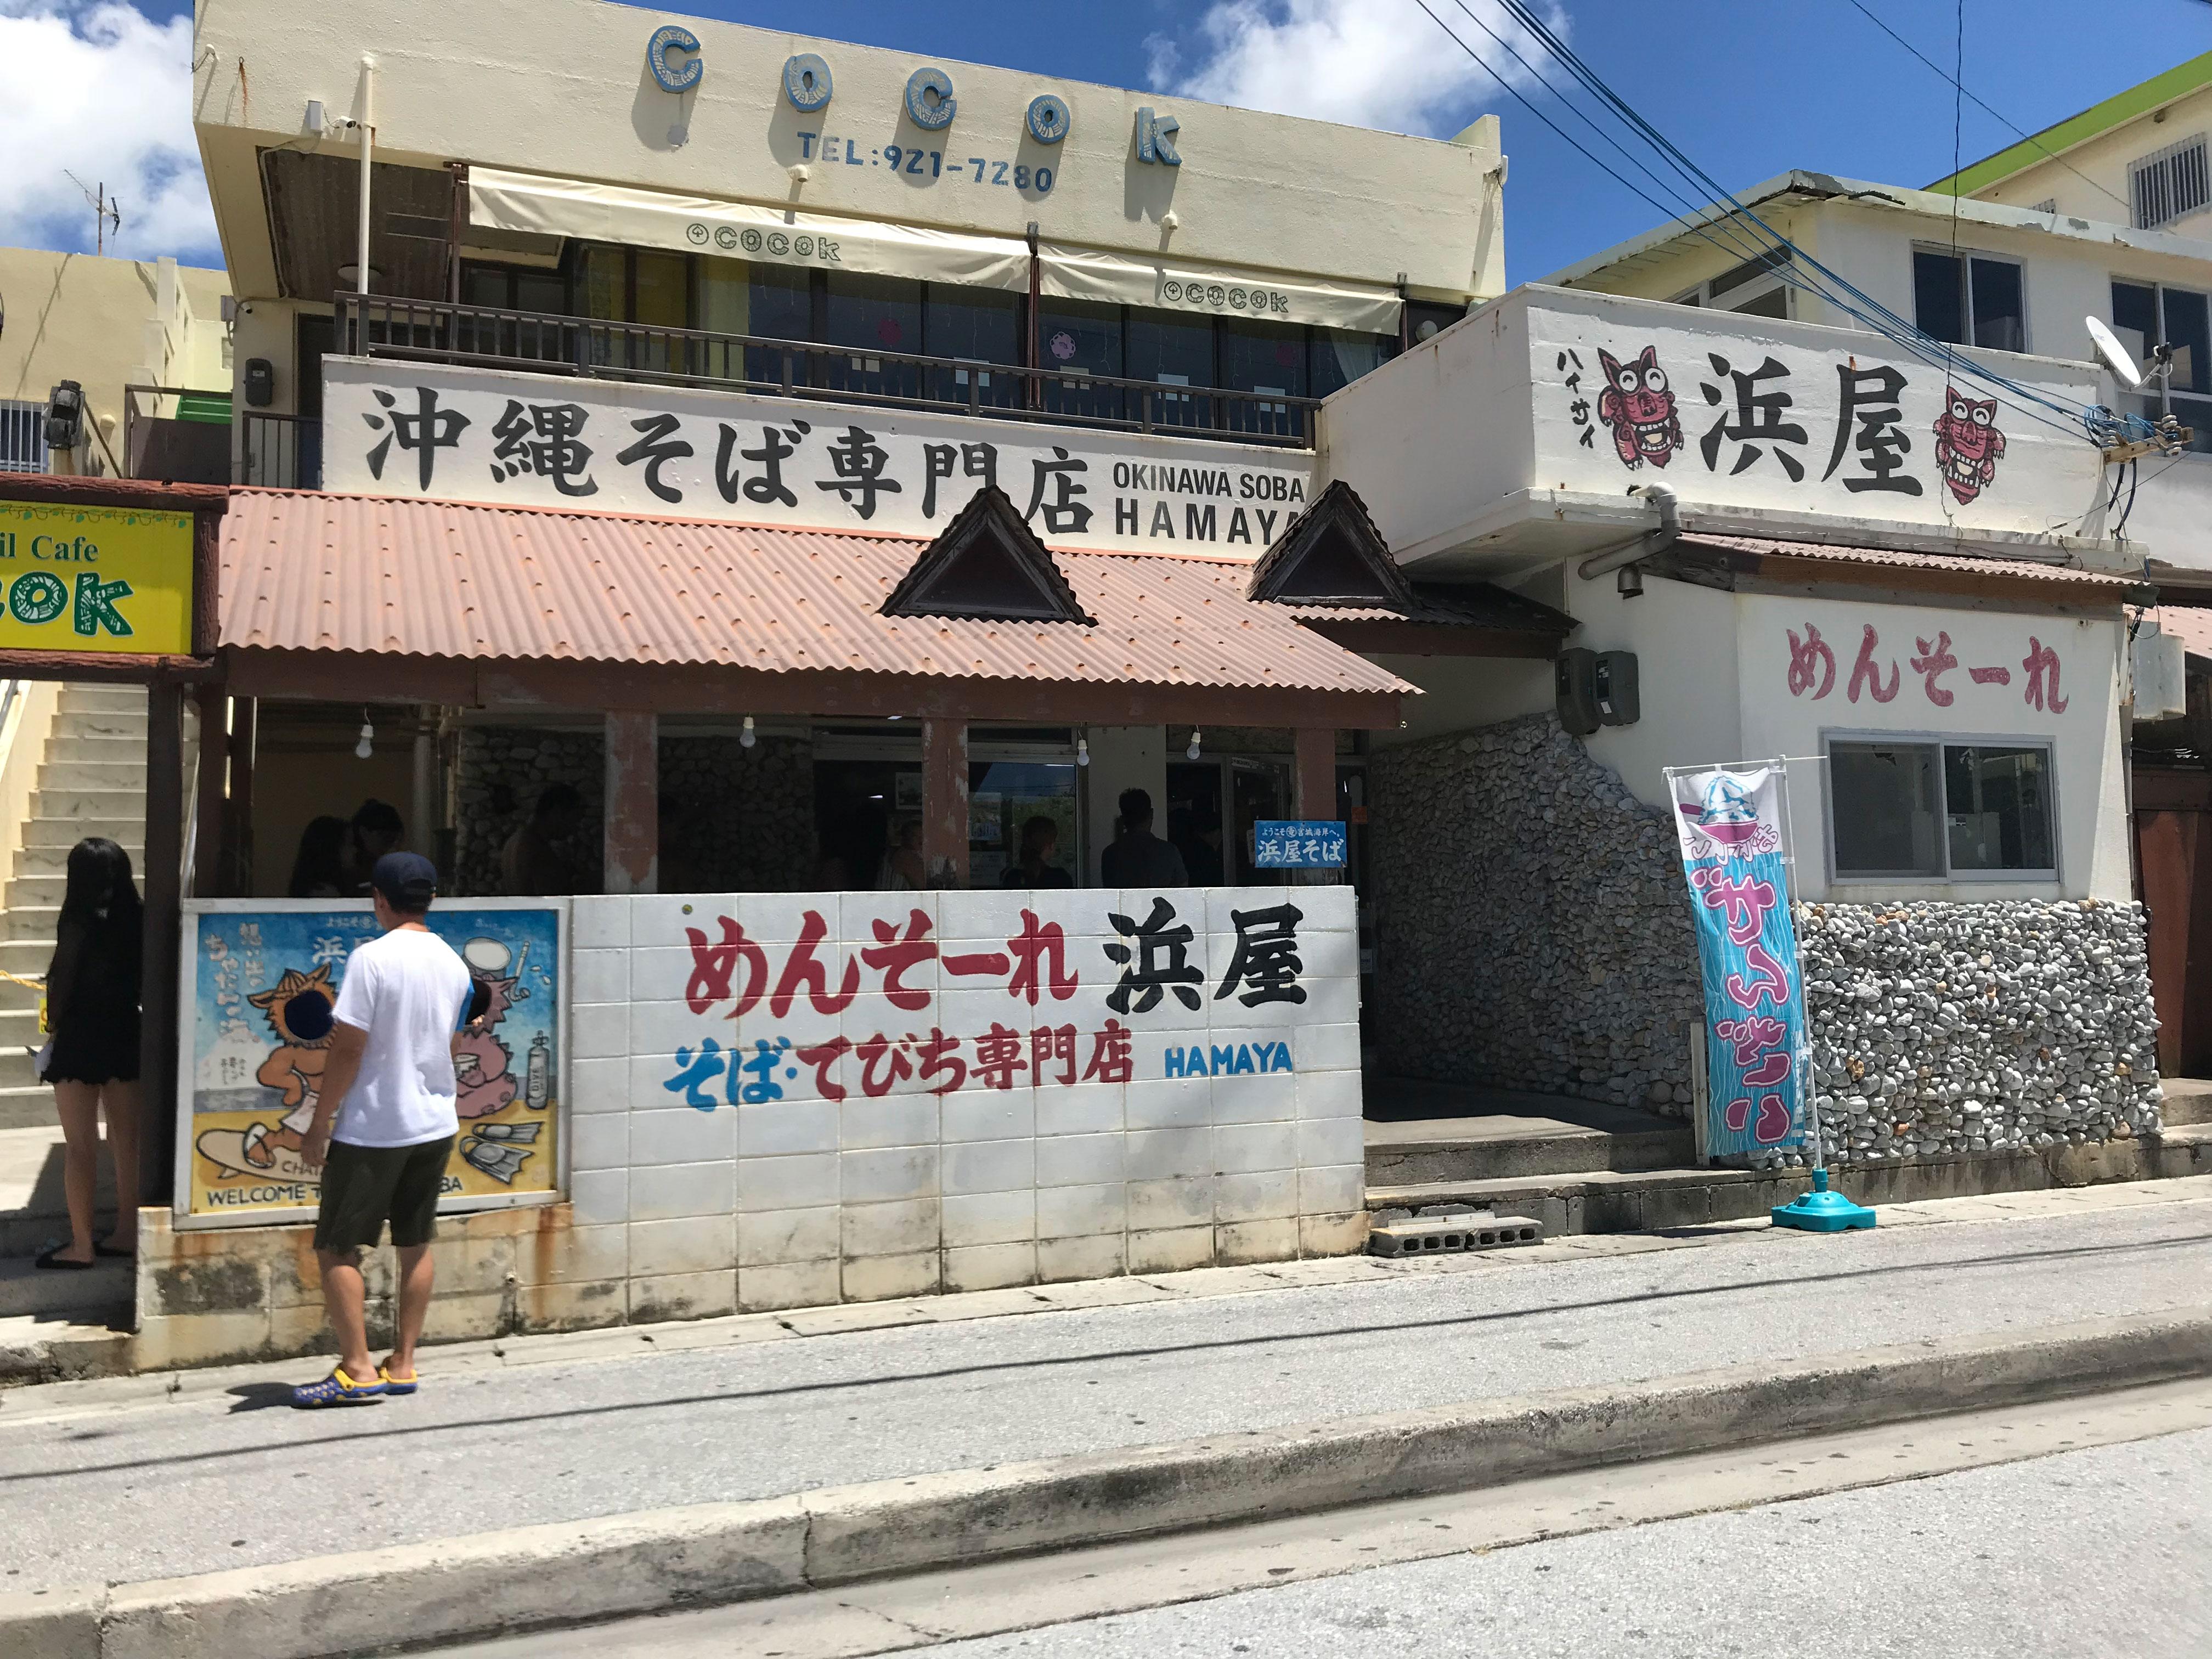 沖縄北谷町の沖縄そば専門店「浜屋」の外観